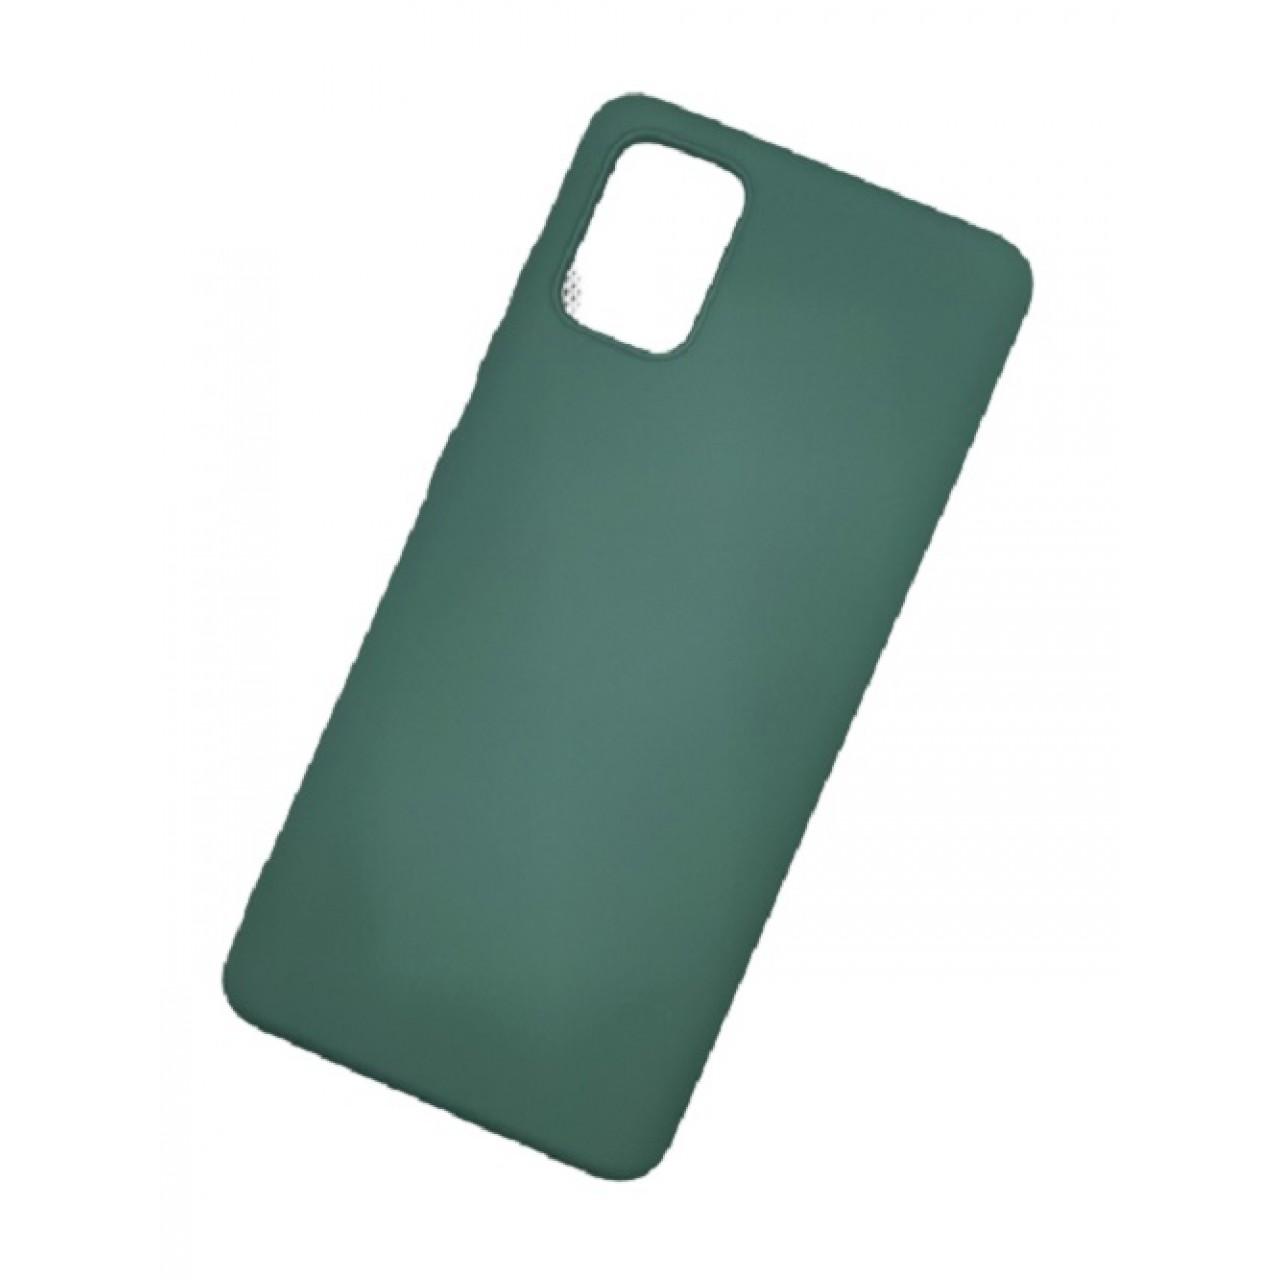 ΘΗΚΗ ΠΡΟΣΤΑΣΙΑΣ ΣΙΛΙΚΟΝΗΣ ΓΙΑ Samsung A71 ΠΡΑΣΙΝΗ - BACK COVER SILICONE CASE GREEN - OEM